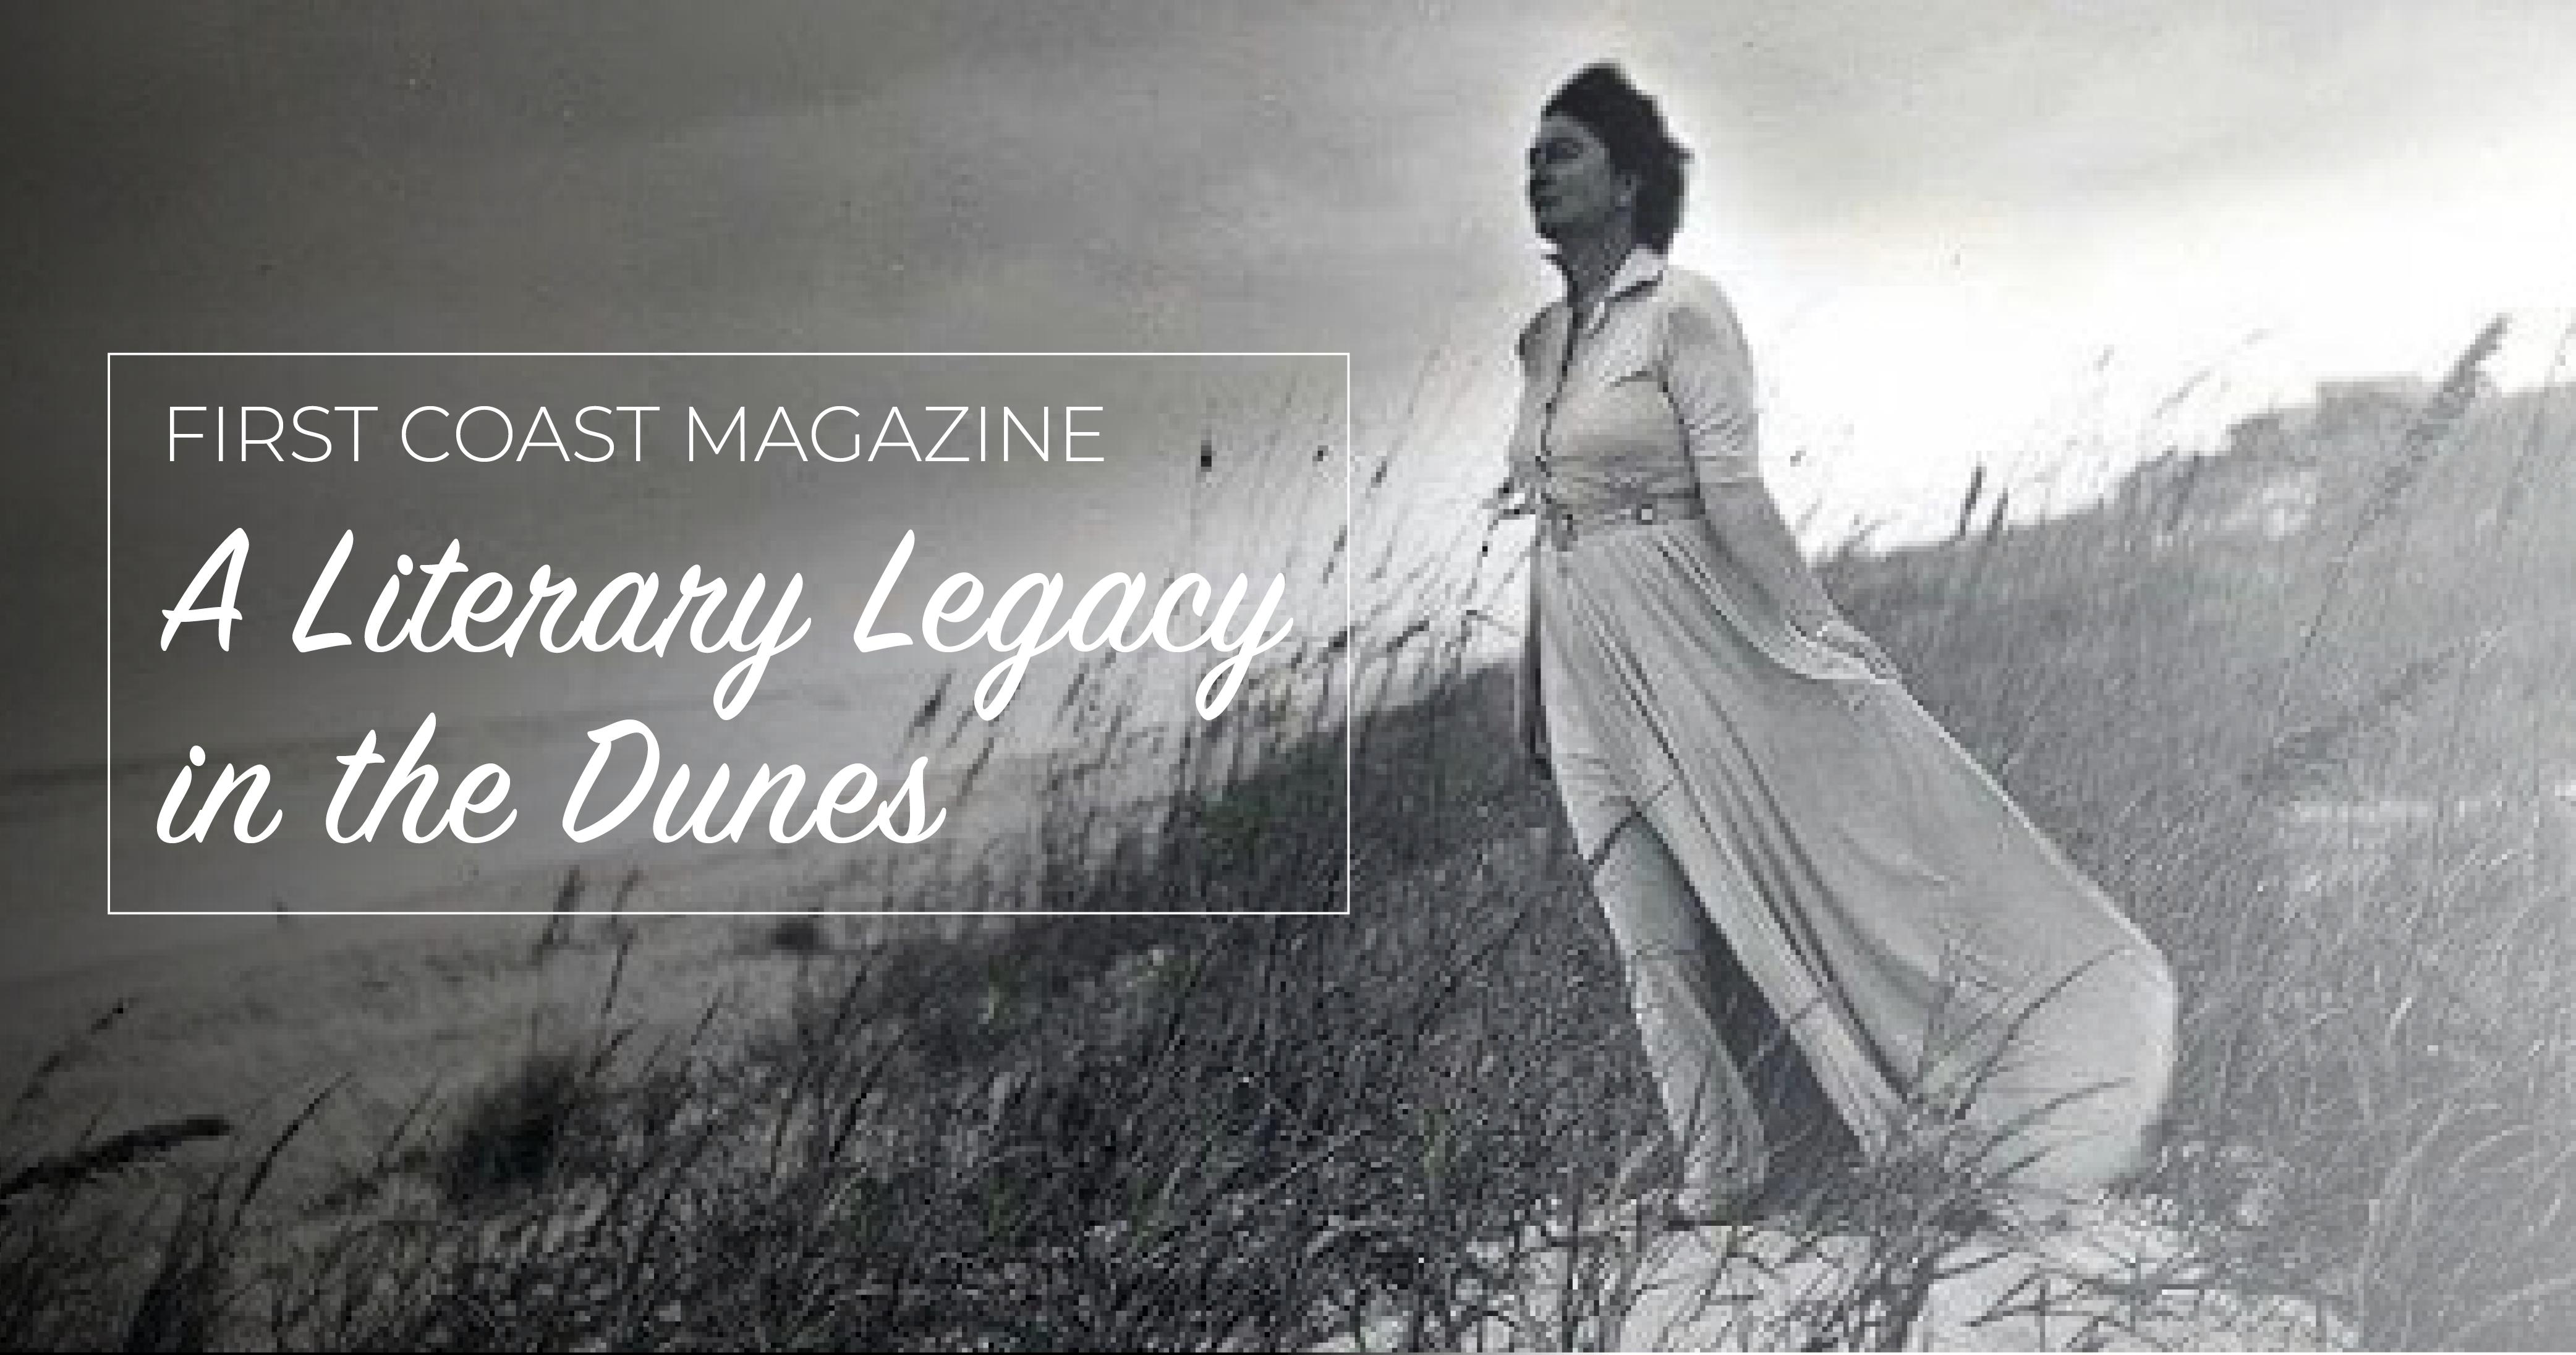 Marjorie Kinnan Rawlings: A Literary Legacy in the Dunes